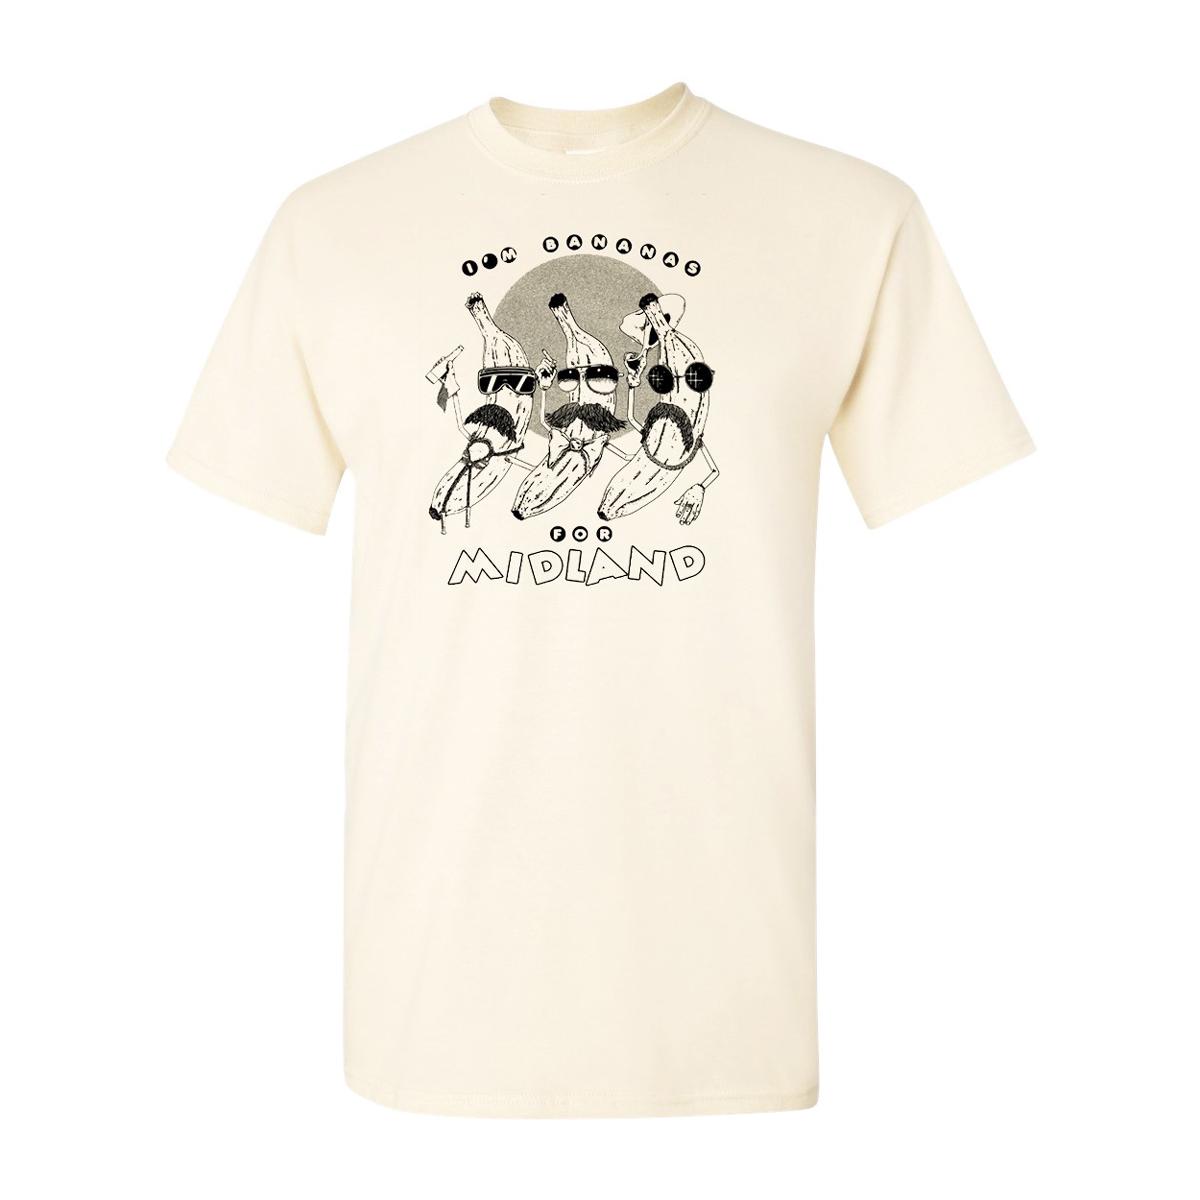 Bananas for Midland T-Shirt